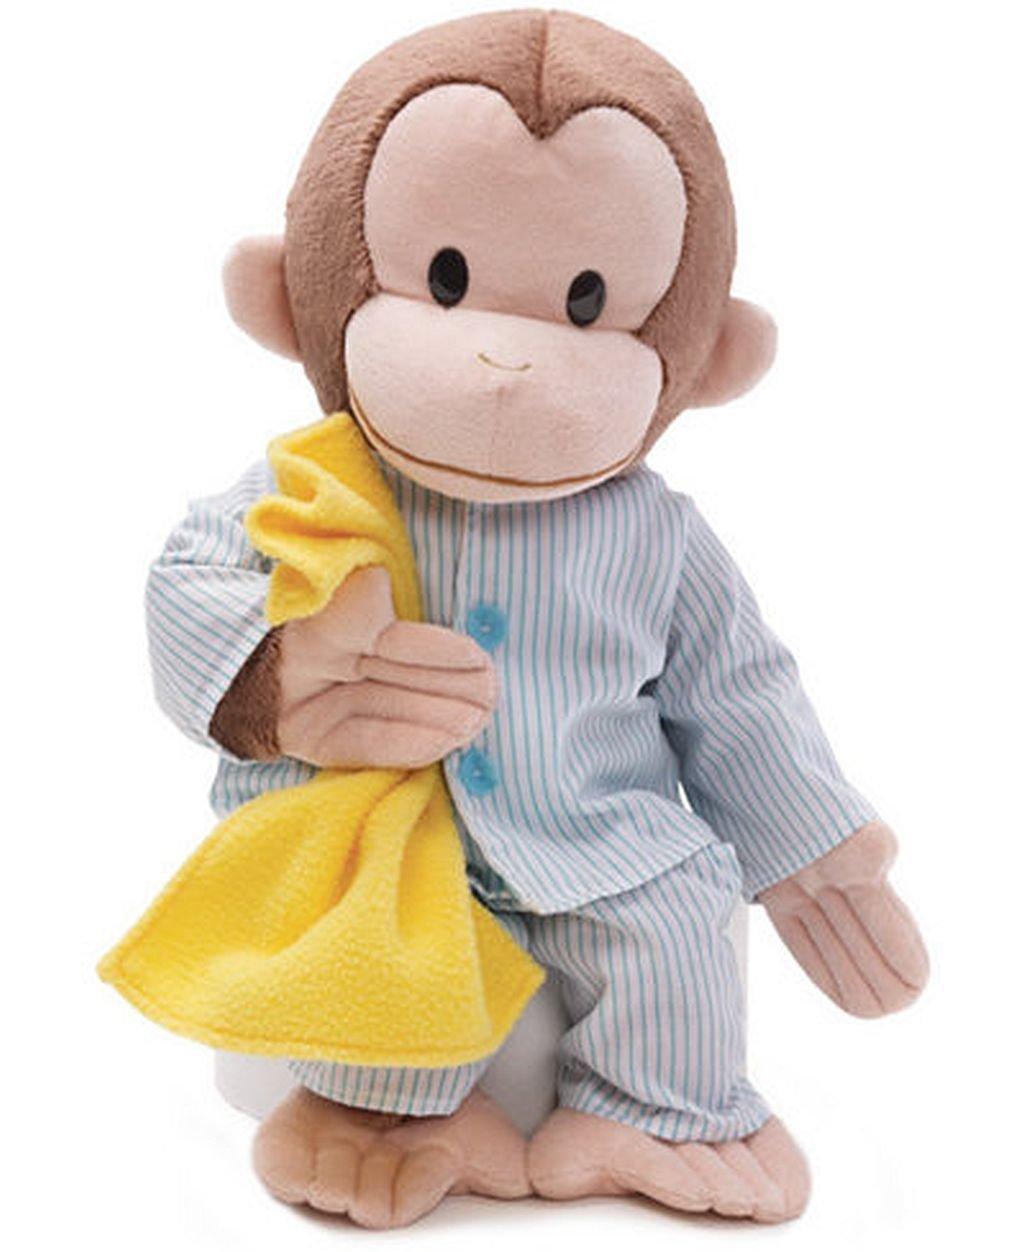 Gund Curious George Pajamas Bedtime Stuffed Animal